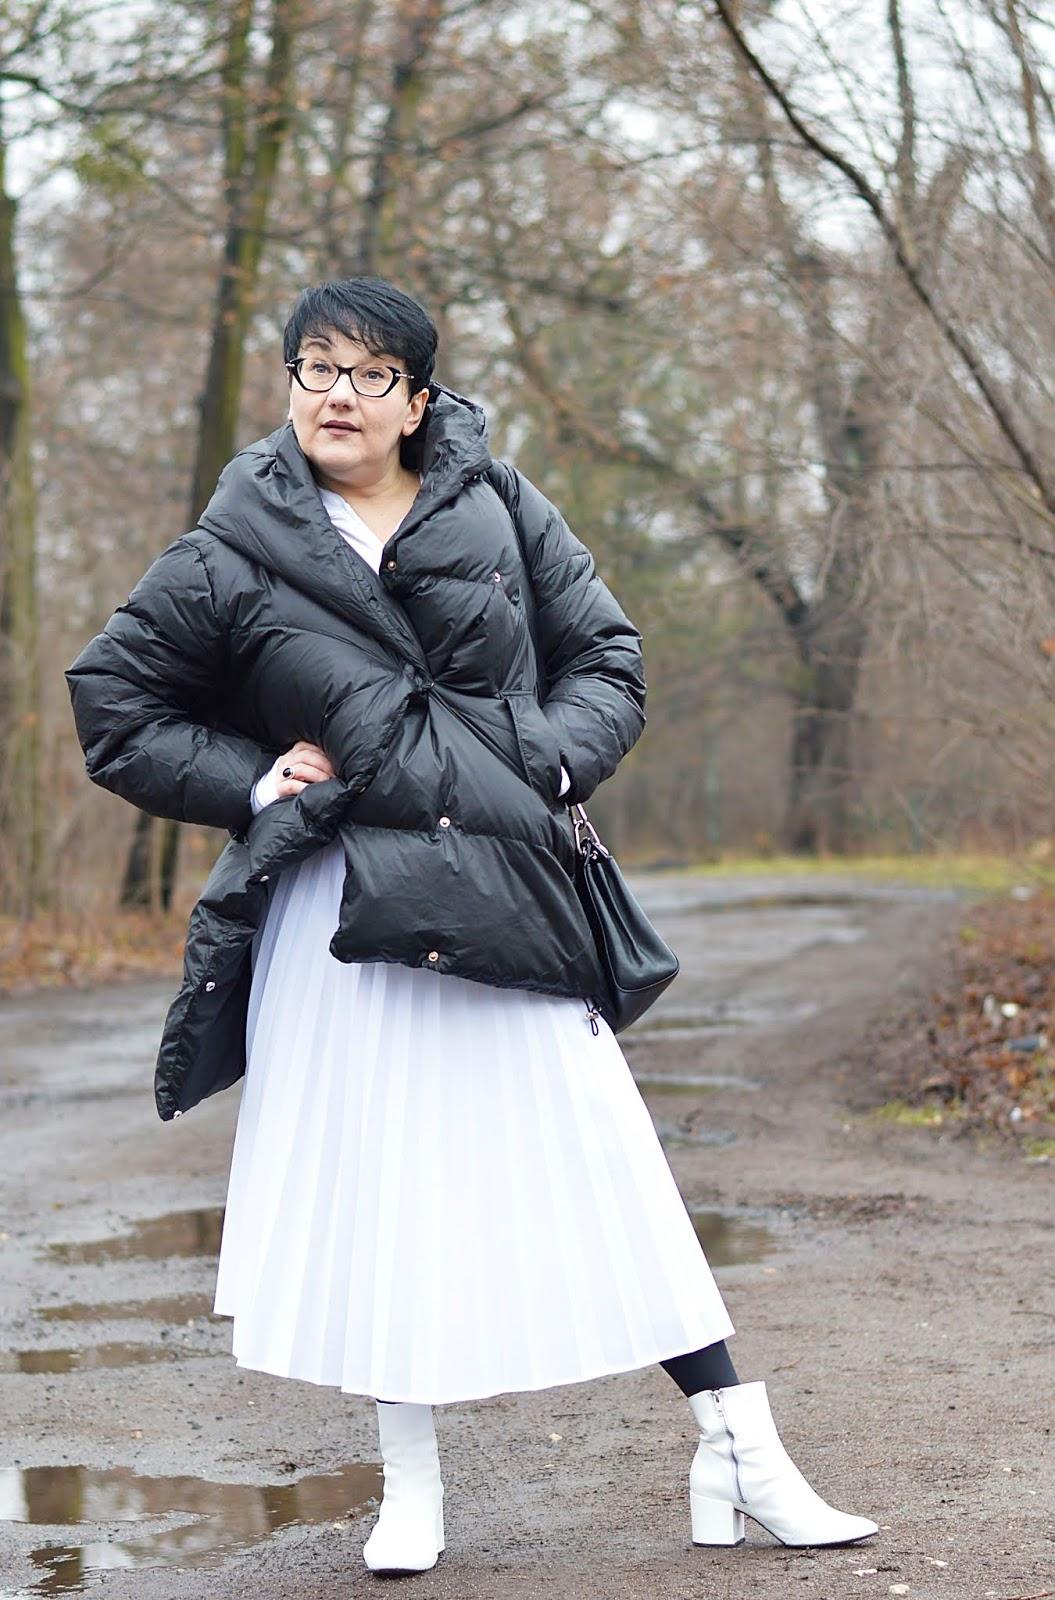 Biała plisowana spódnica, biała solejka, solejka